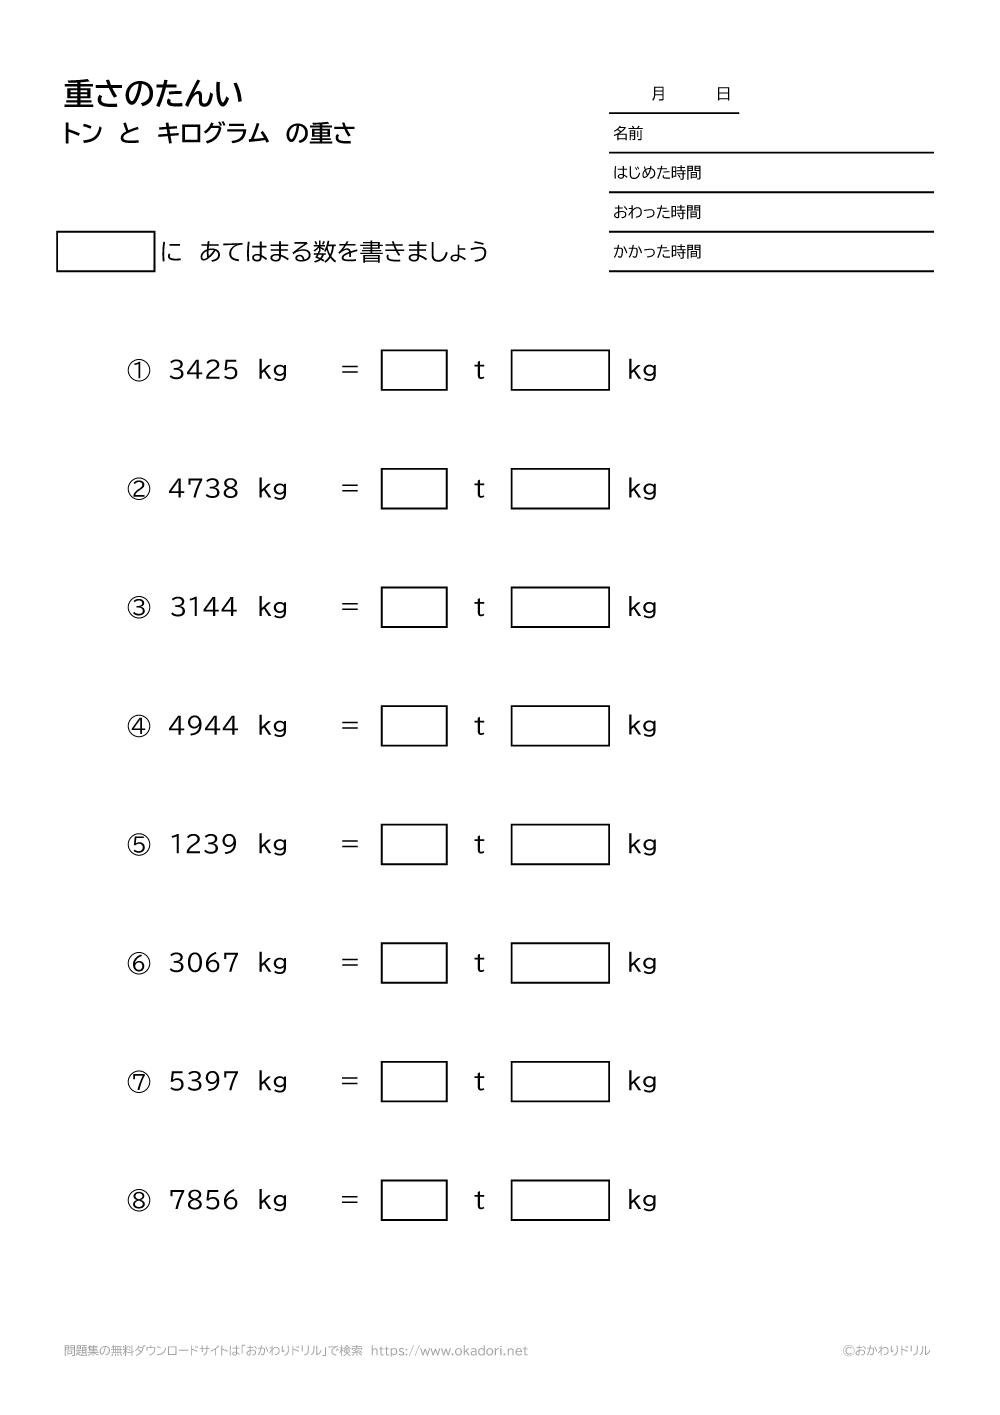 トンとキログラムの重さの単位-1-4